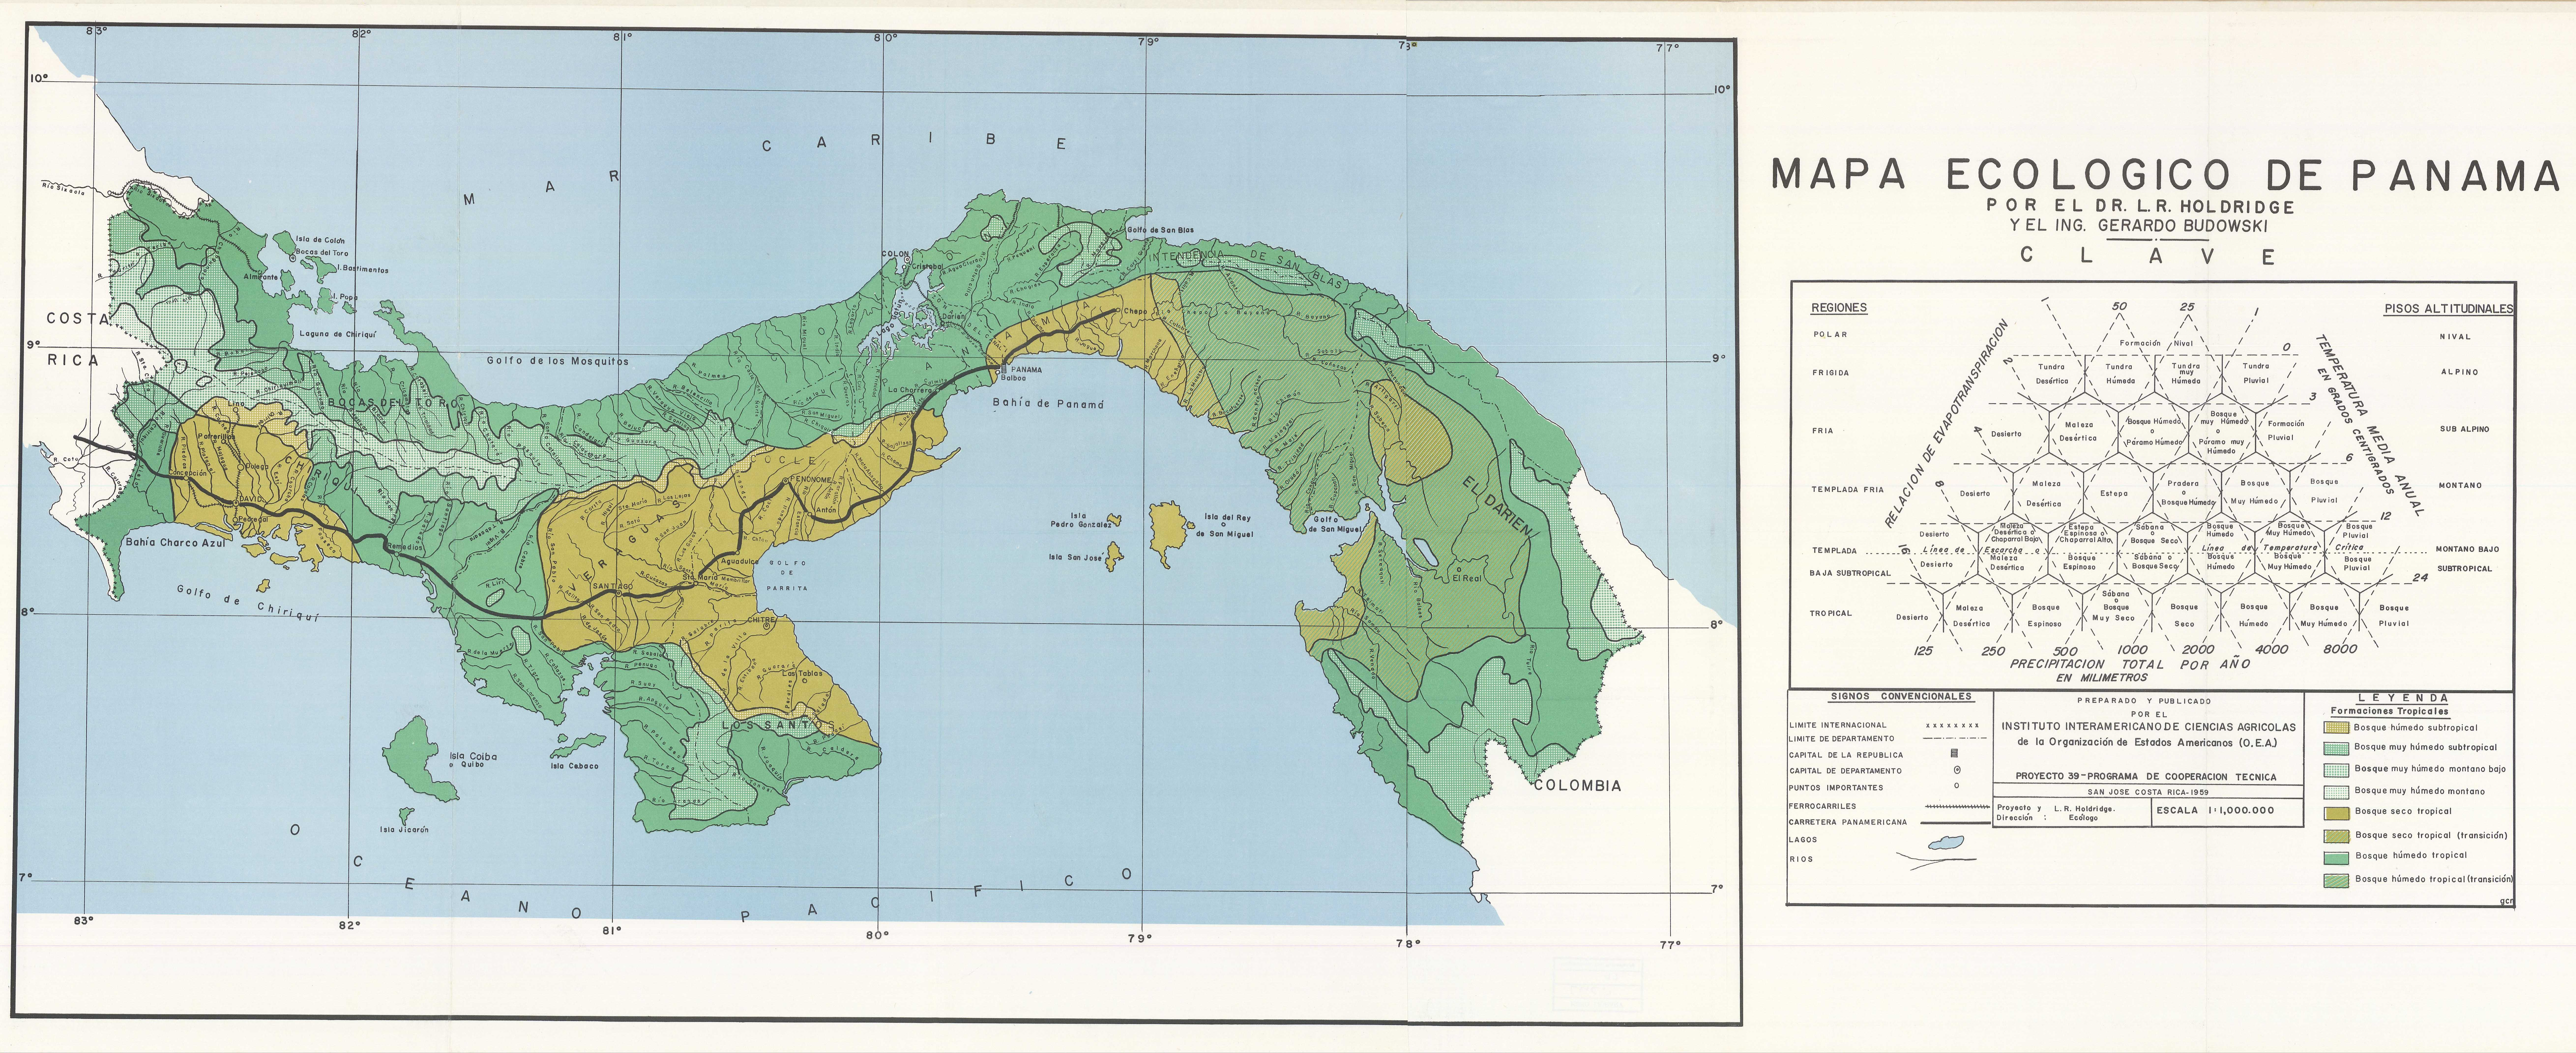 Mapa ecológico de Panamá 1959